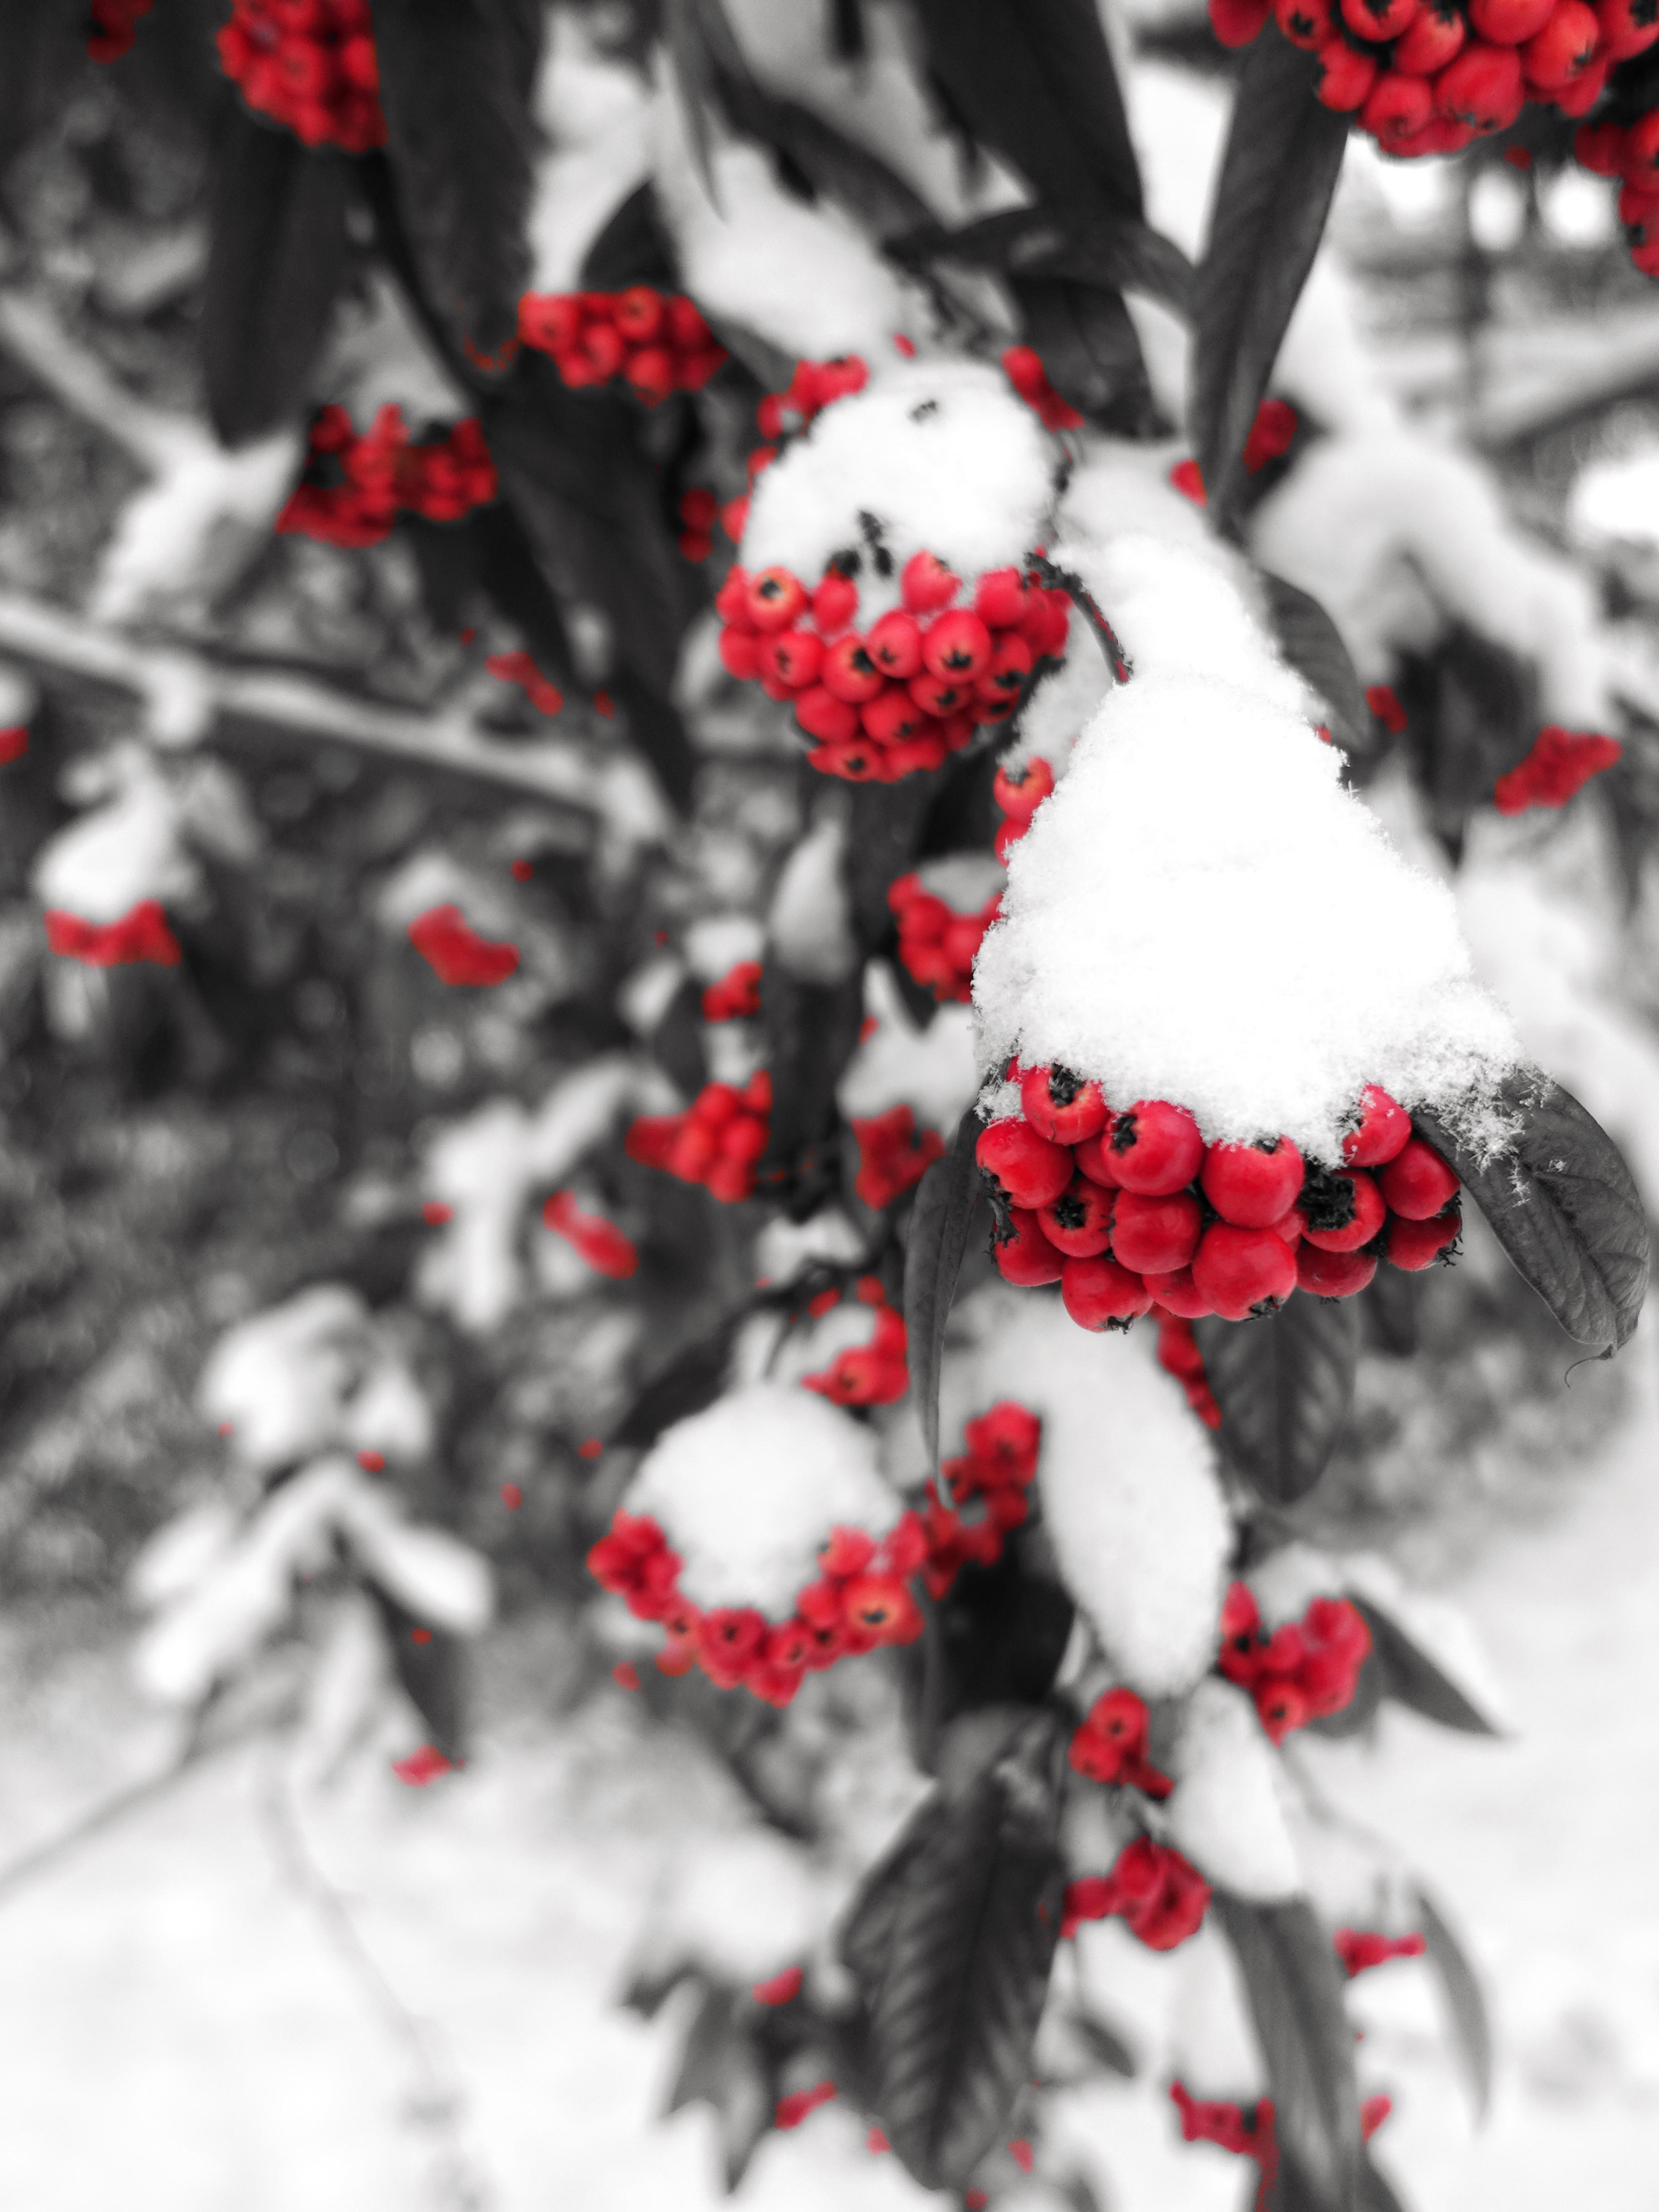 89119 скачать обои Рябина, Зима, Природа, Снег, Ягоды, Ветка - заставки и картинки бесплатно